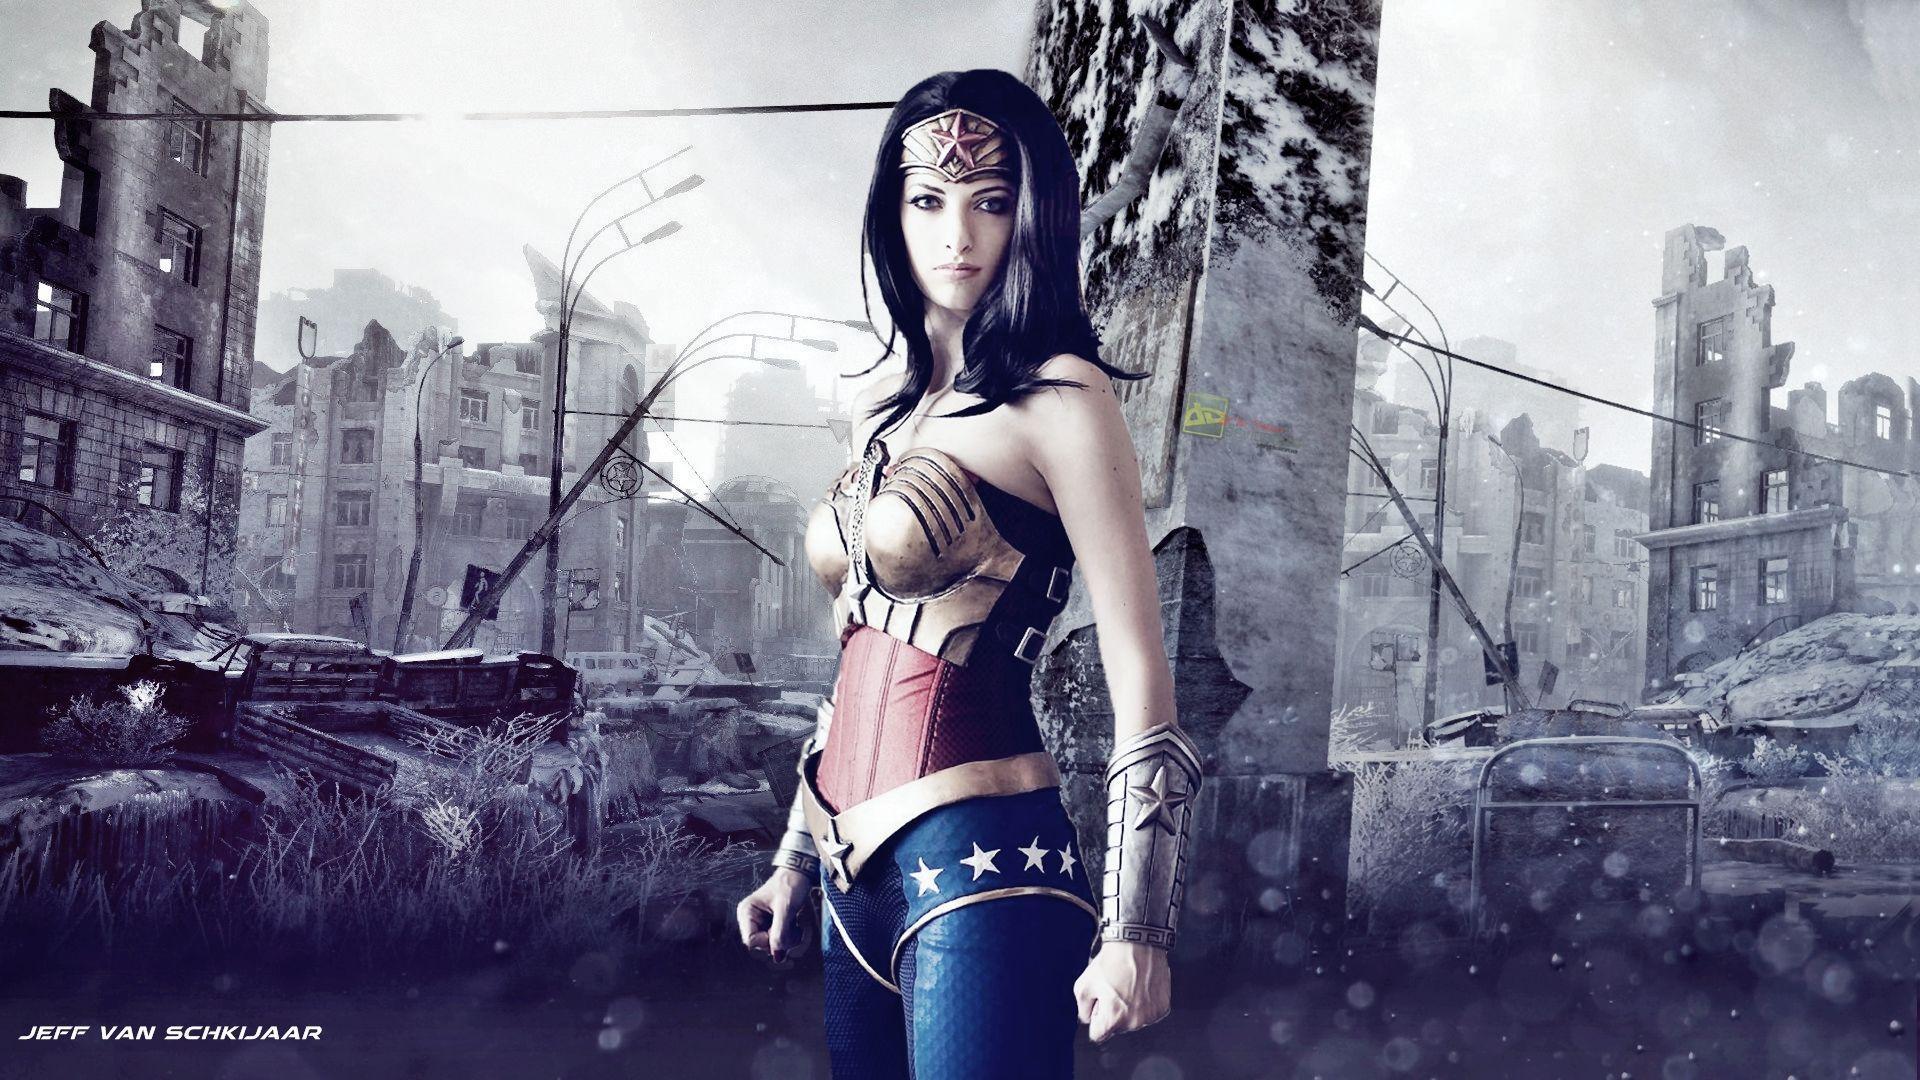 Wonder Woman Wallpaper by jeffery10 on DeviantArt